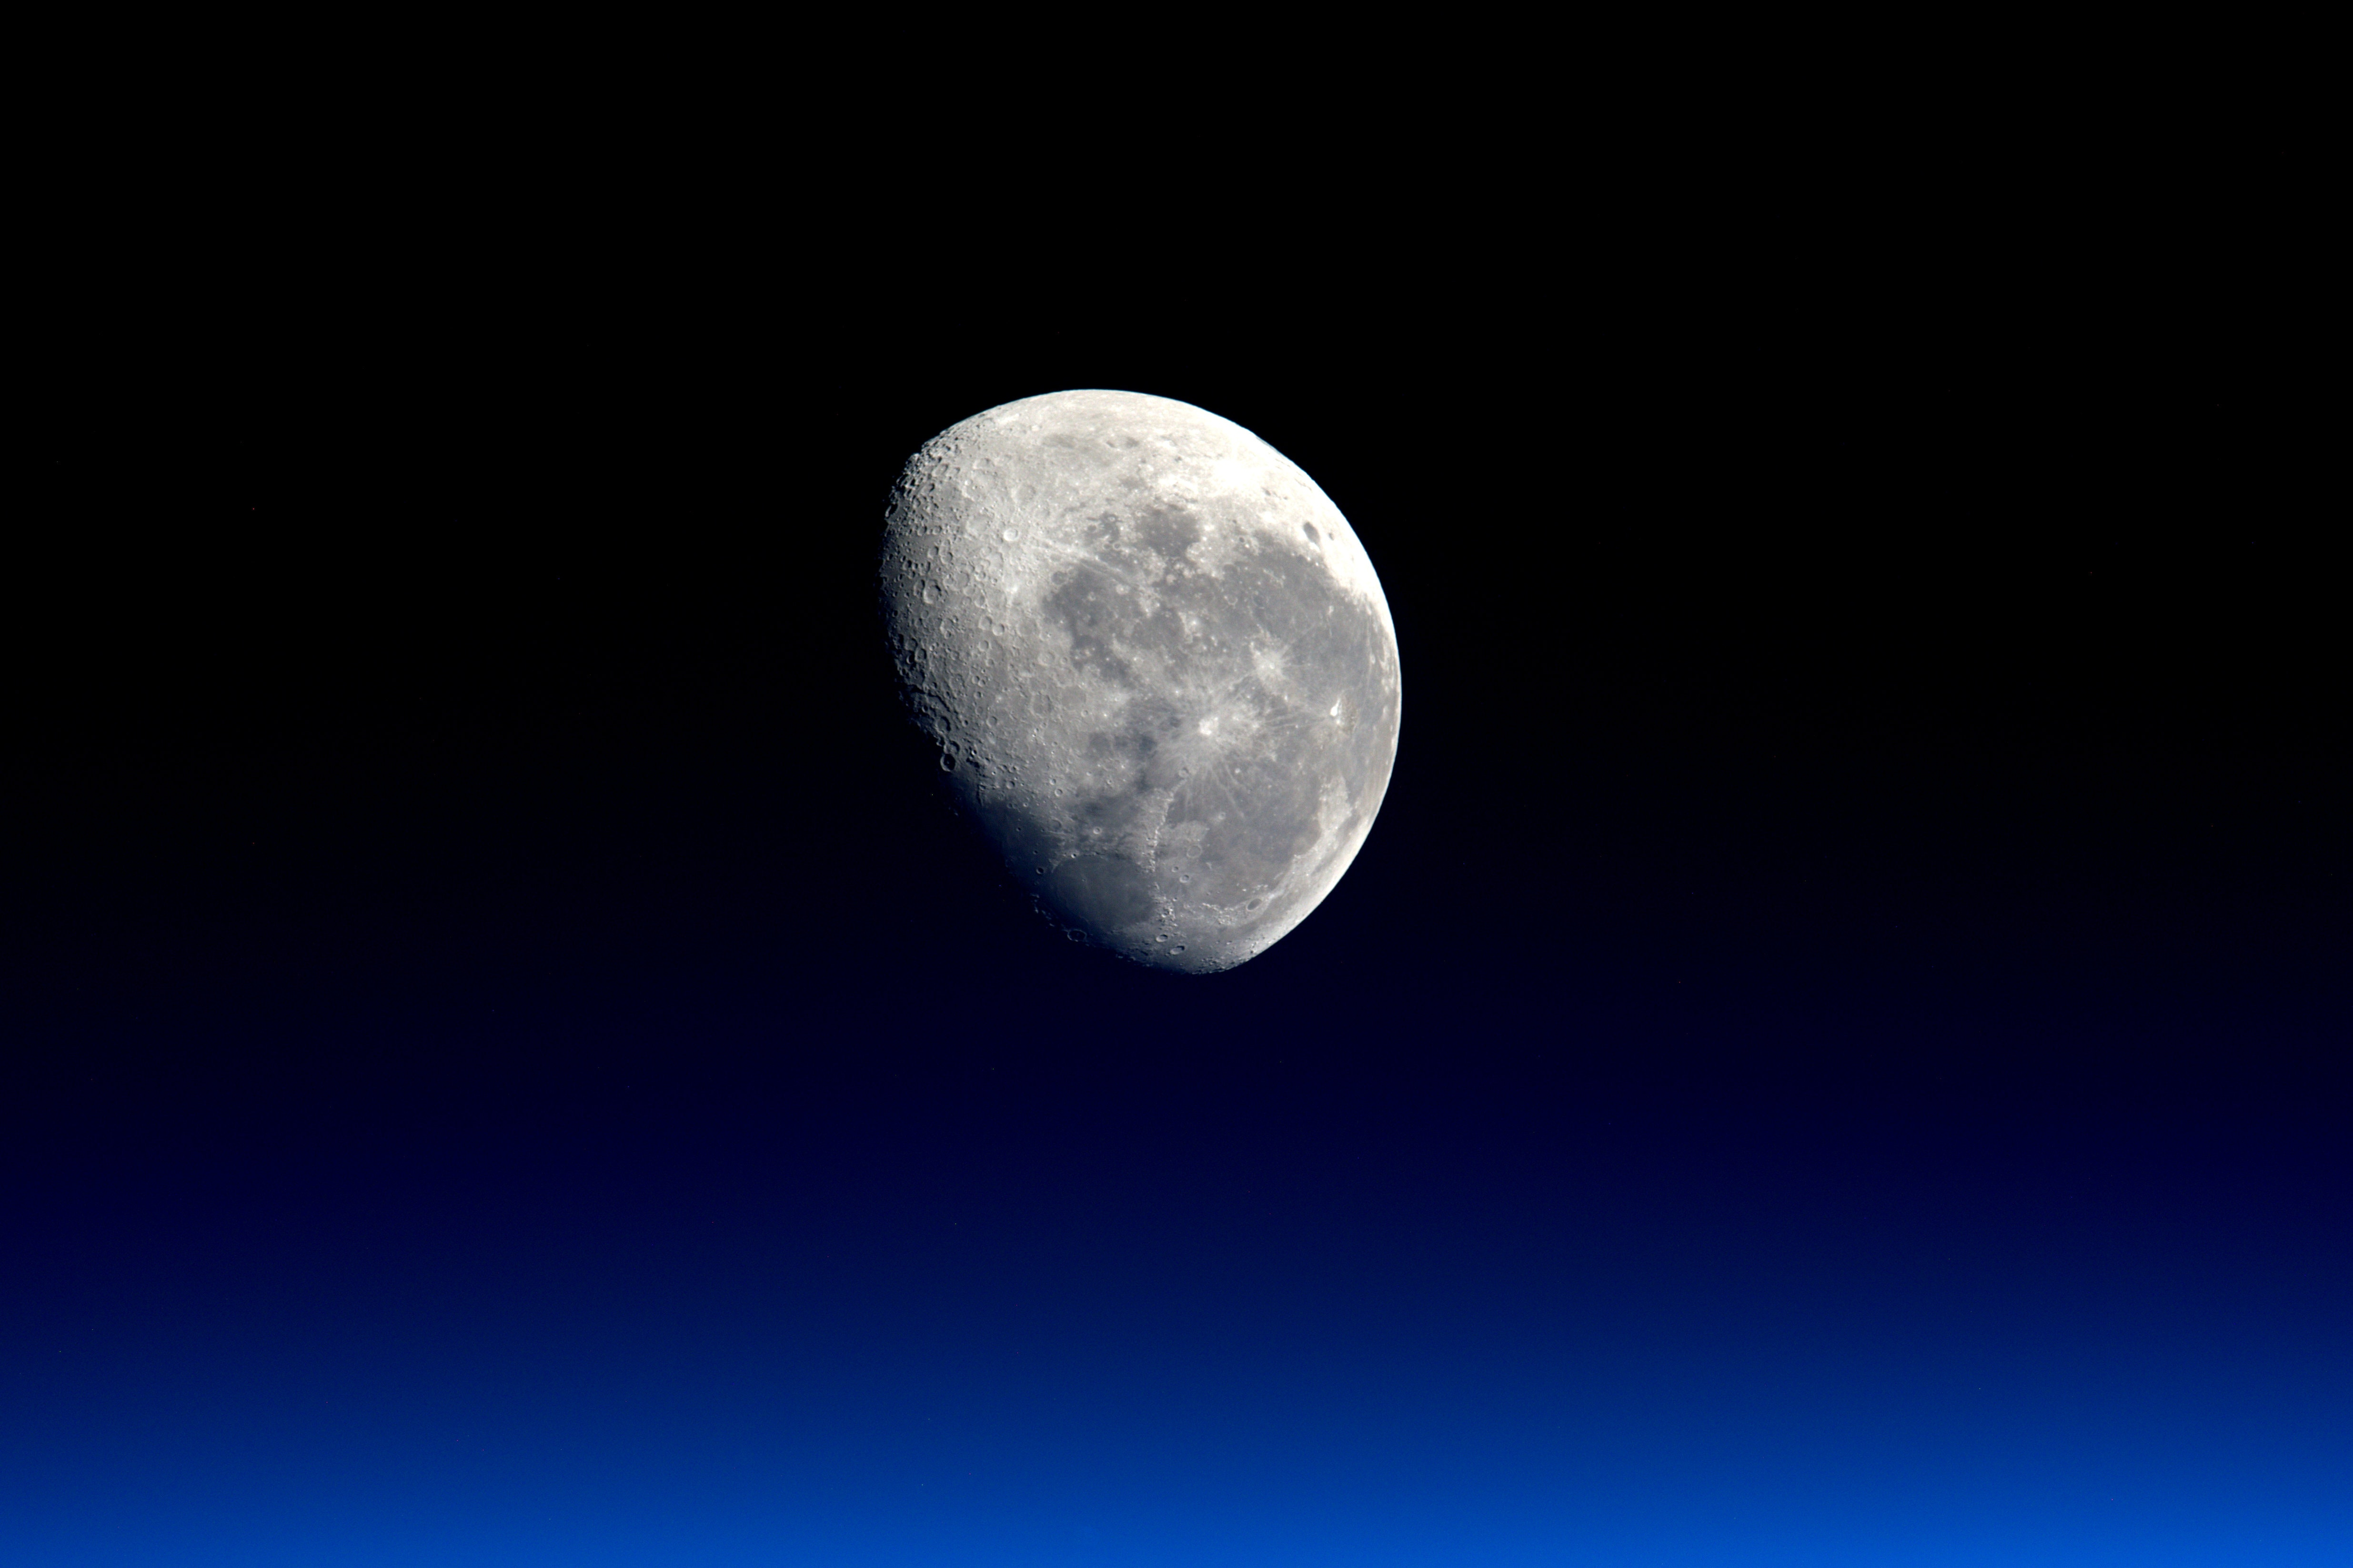 156003 скачать обои Луна, Космос, Небо, Ночь, Крупным Планом, Полнолуние - заставки и картинки бесплатно